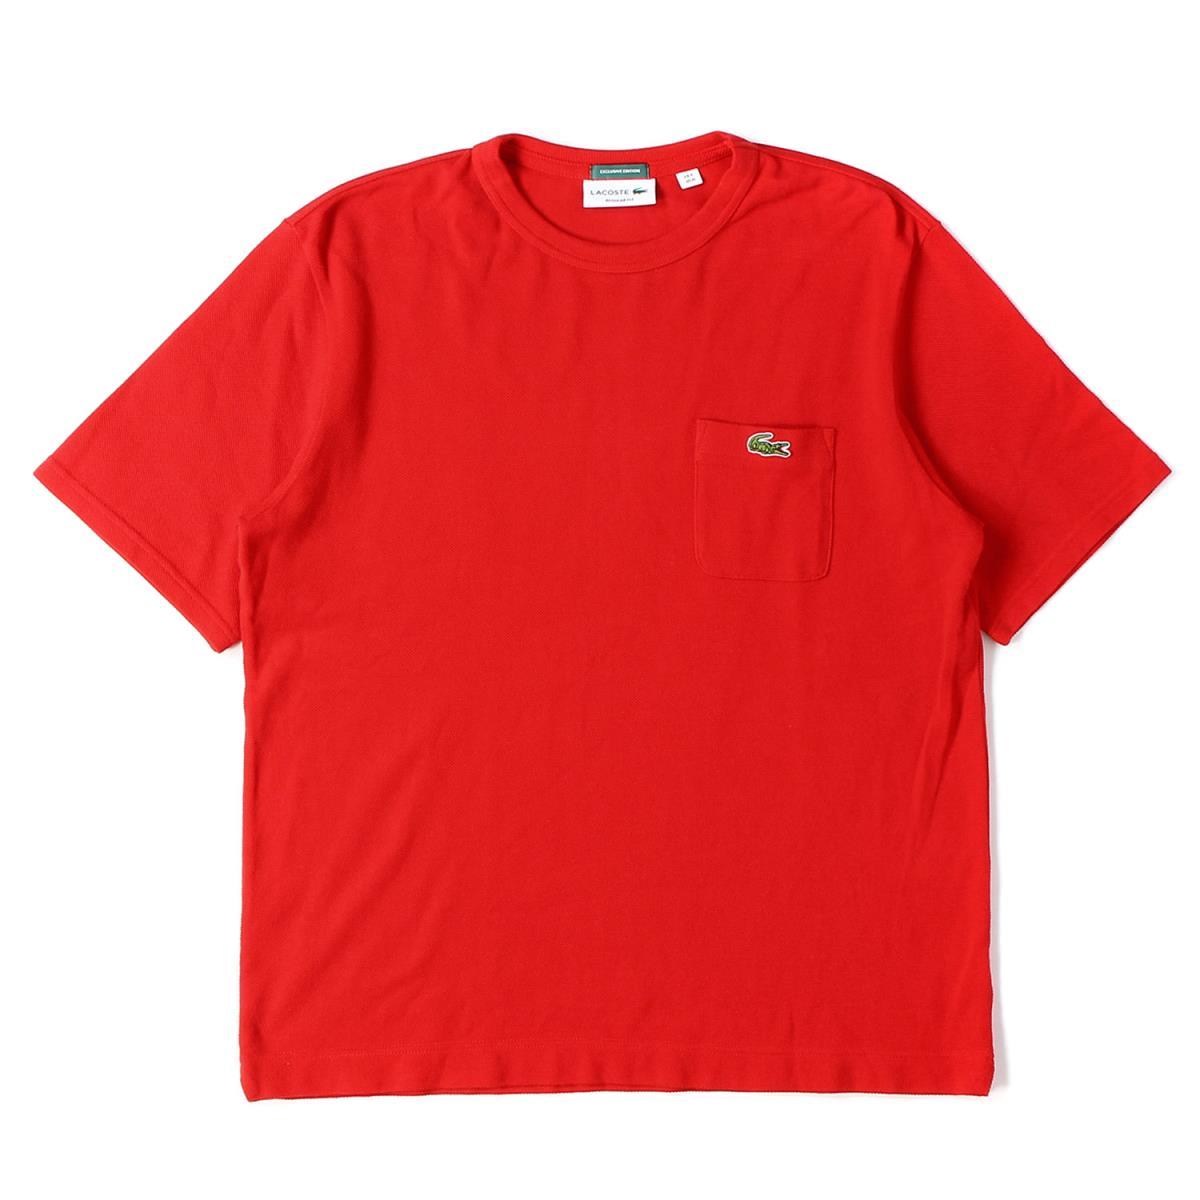 LACOSTE (ラコステ) Tシャツ BEAMS別注 ワニワッペン ポケット付き 鹿の子 コットン クルーネック 日本製 ラコステジャパンタグ レッド 4 【メンズ】【美品】【K2626】【あす楽☆対応可】:ブランド古着のBEEGLE by Boo-Bee